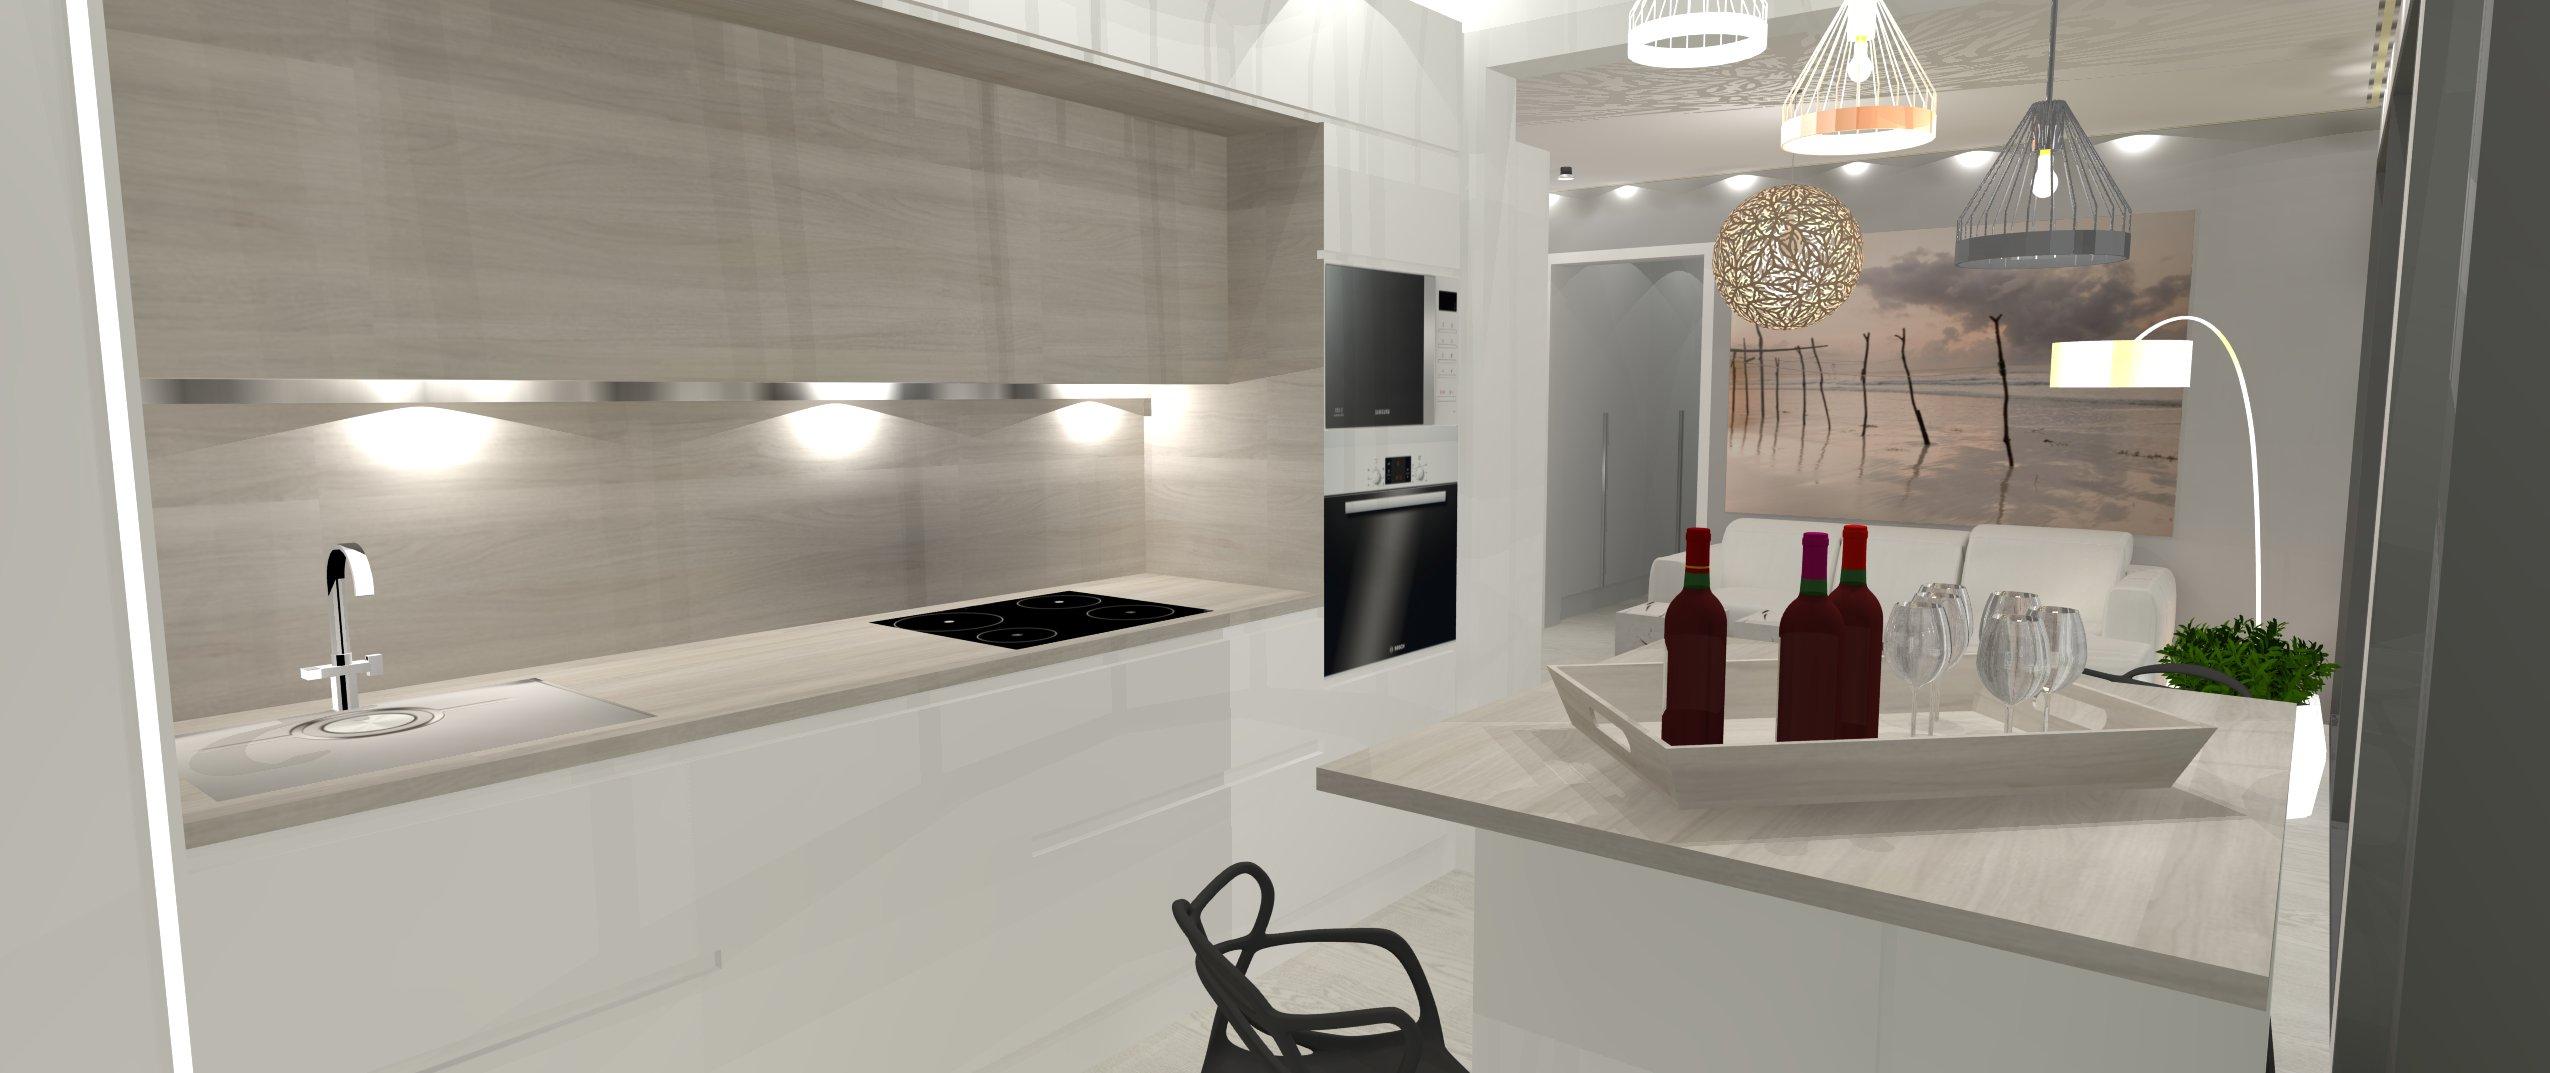 Poikkeusluvalla valmistuva Luxusasunto Helsinkiin kerrostalon kellarikerrokseen, omalla takapihalla (vaalea asunto-osake)